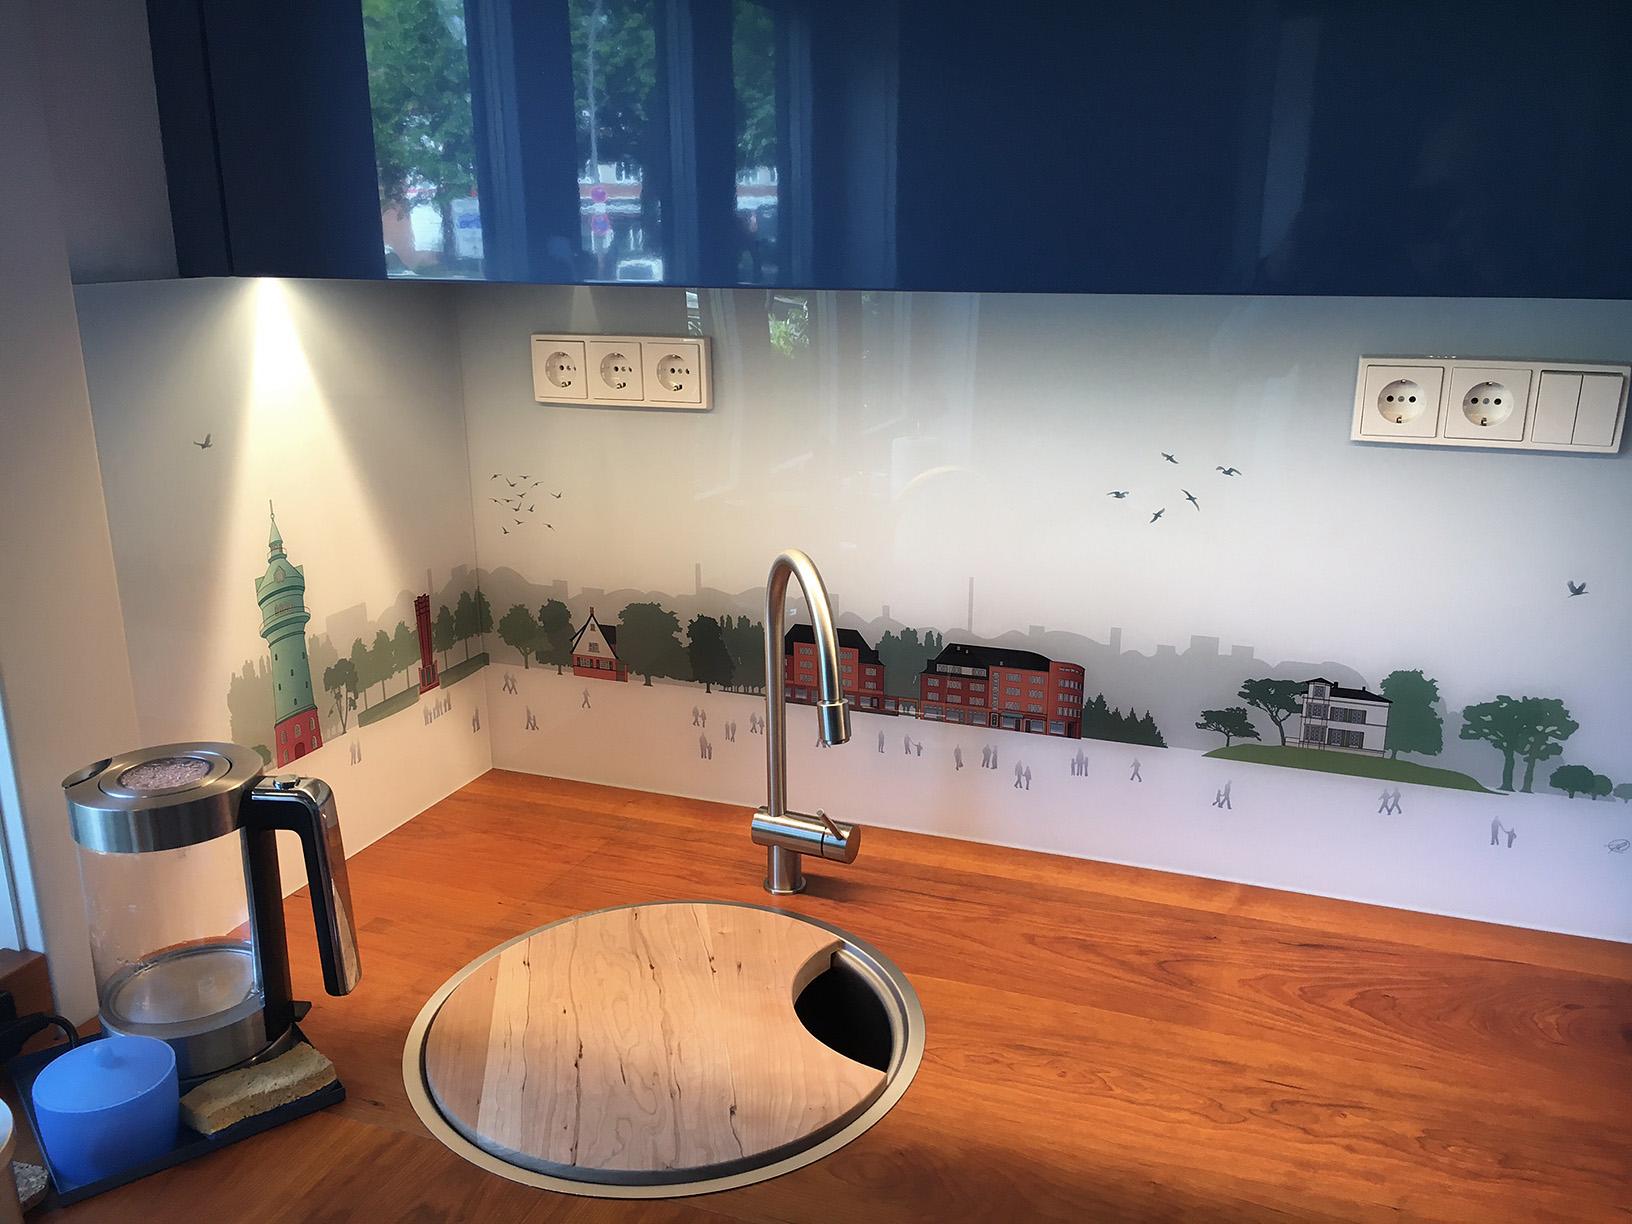 Zweiteiliges Lokstedt Panorama Personal als Spritzschutz in einer frisch renovierten Küche